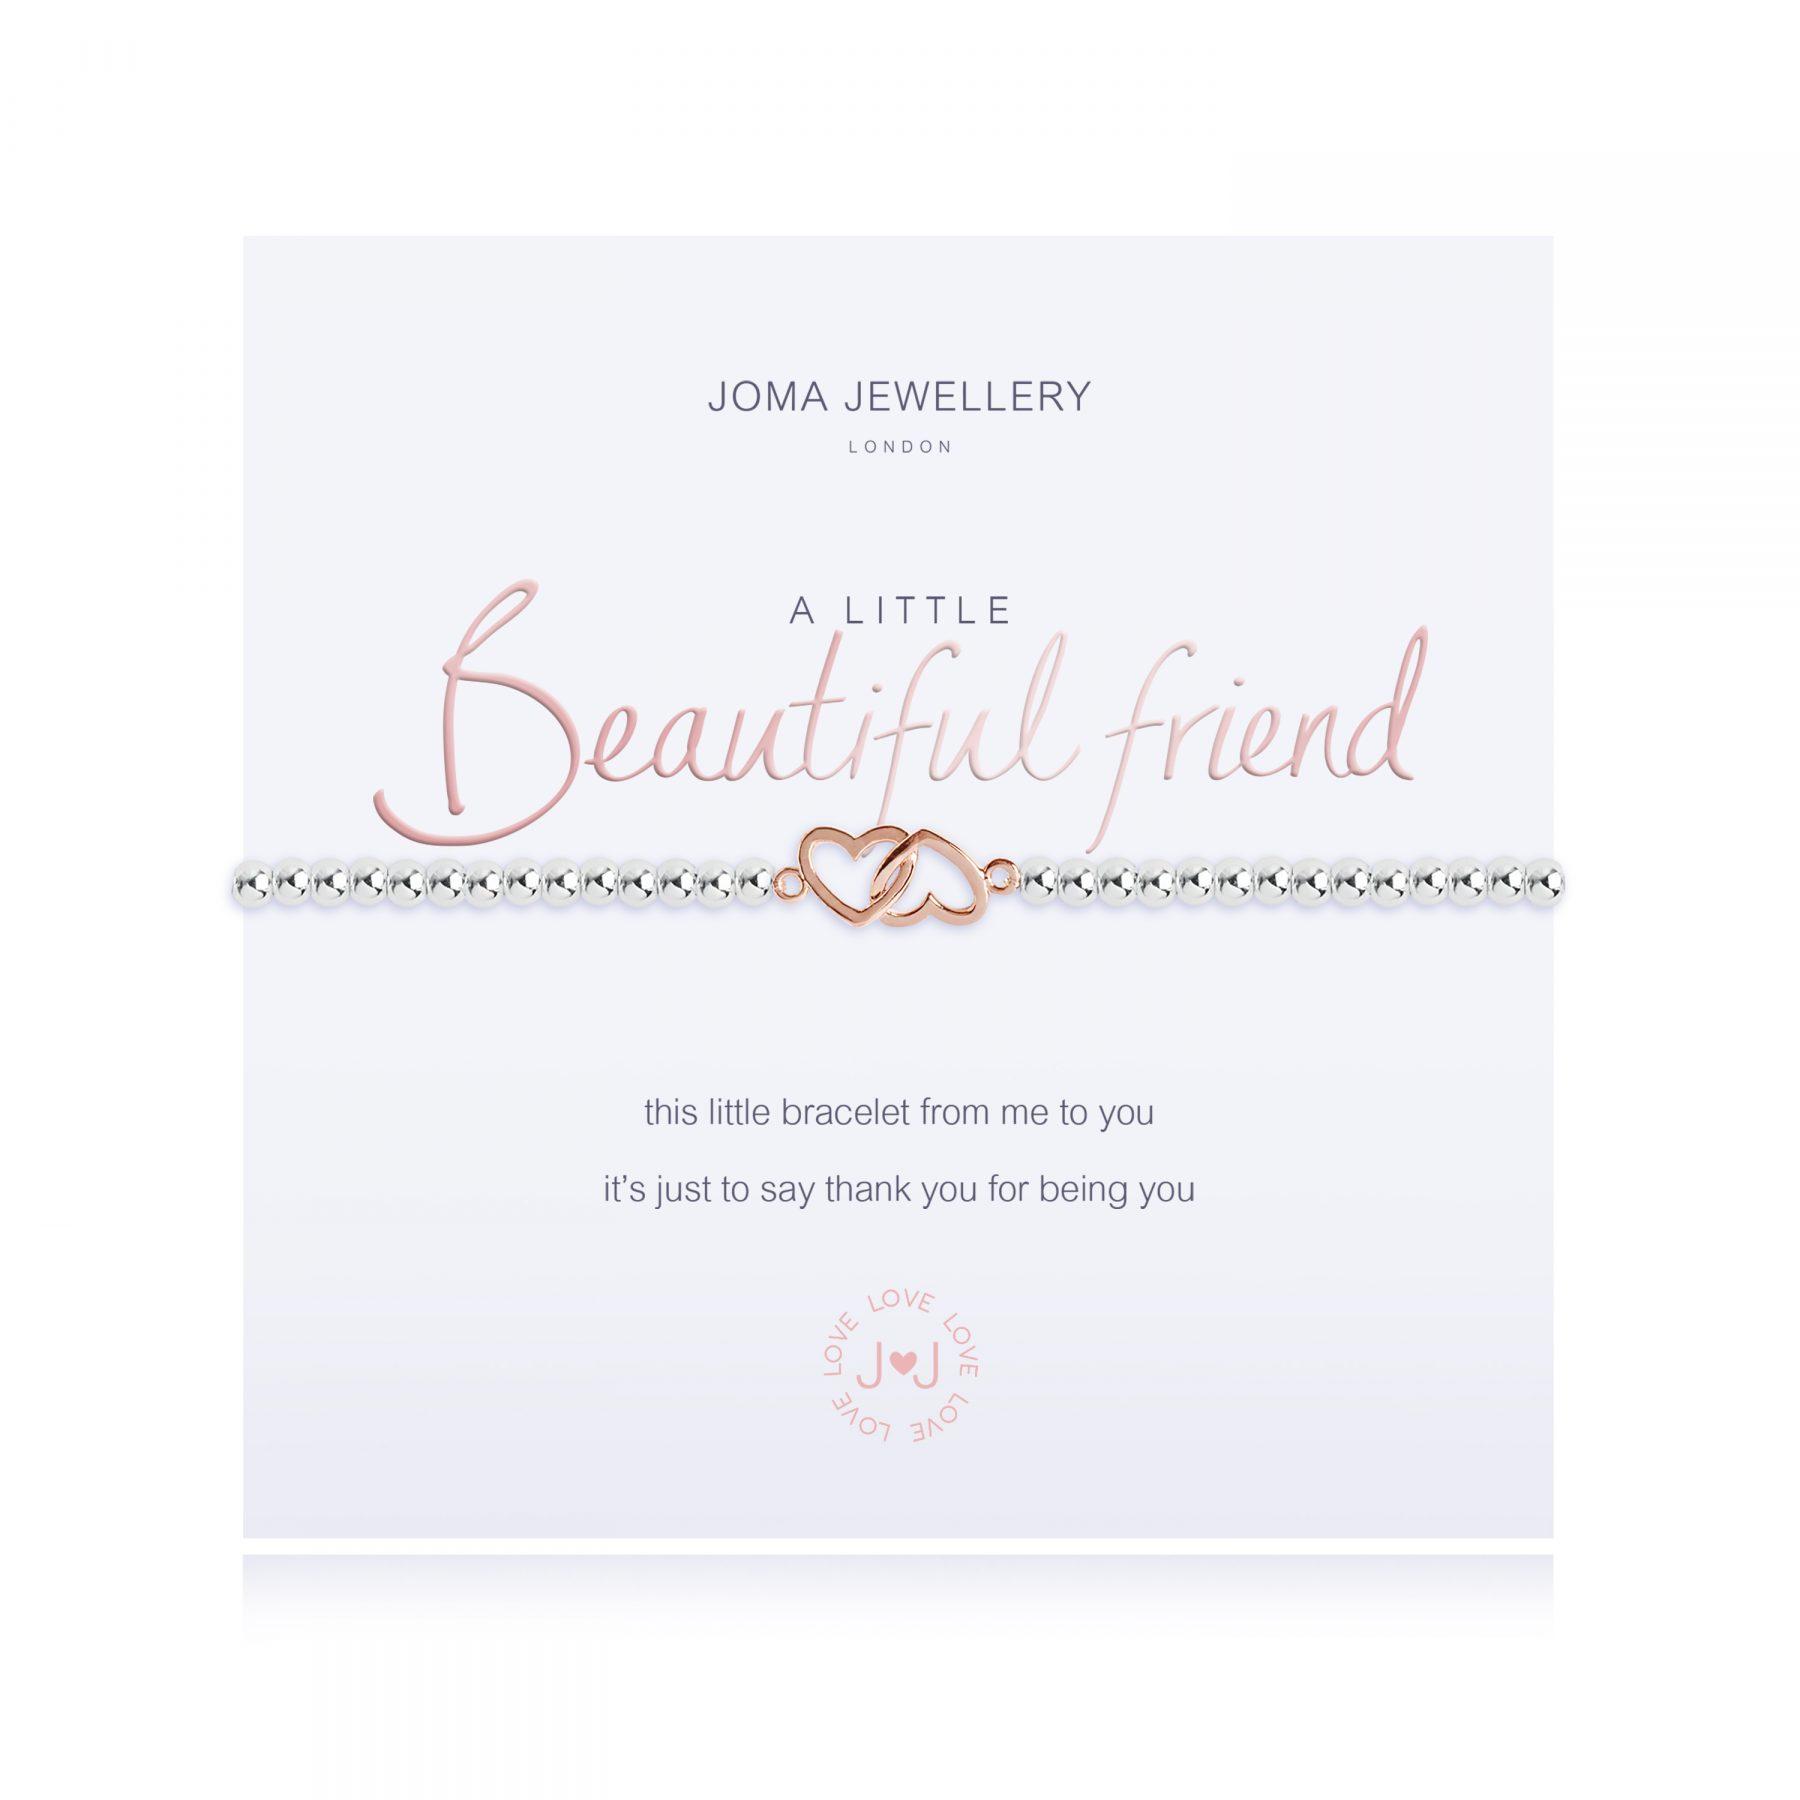 Joma Jewellery A Little Beautiful Friend Bracelet